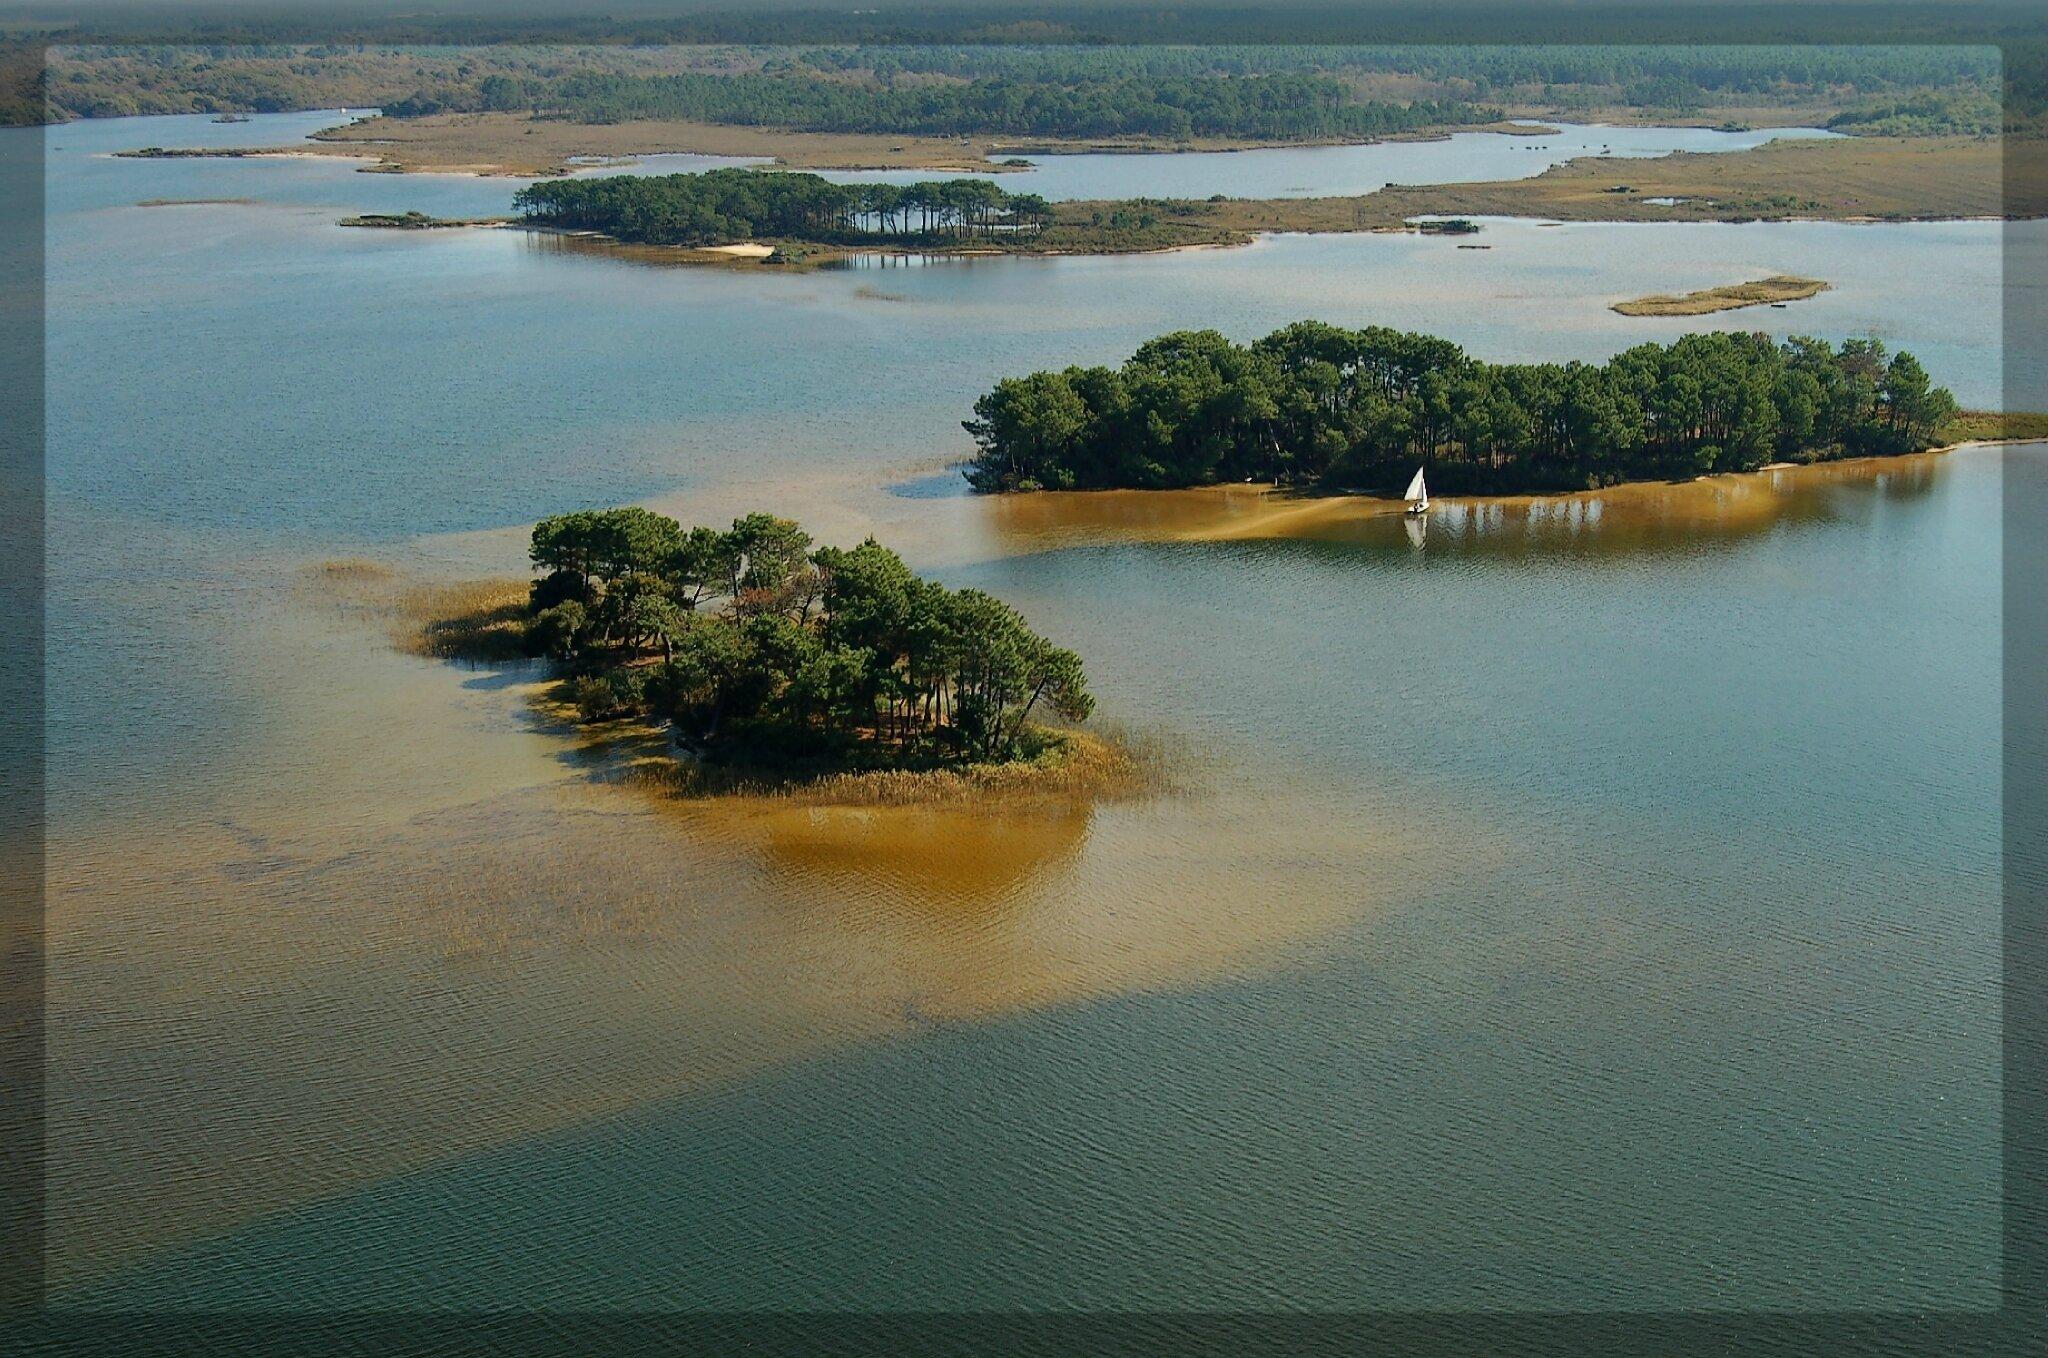 Les îles de Lacanau (découverte en photos)